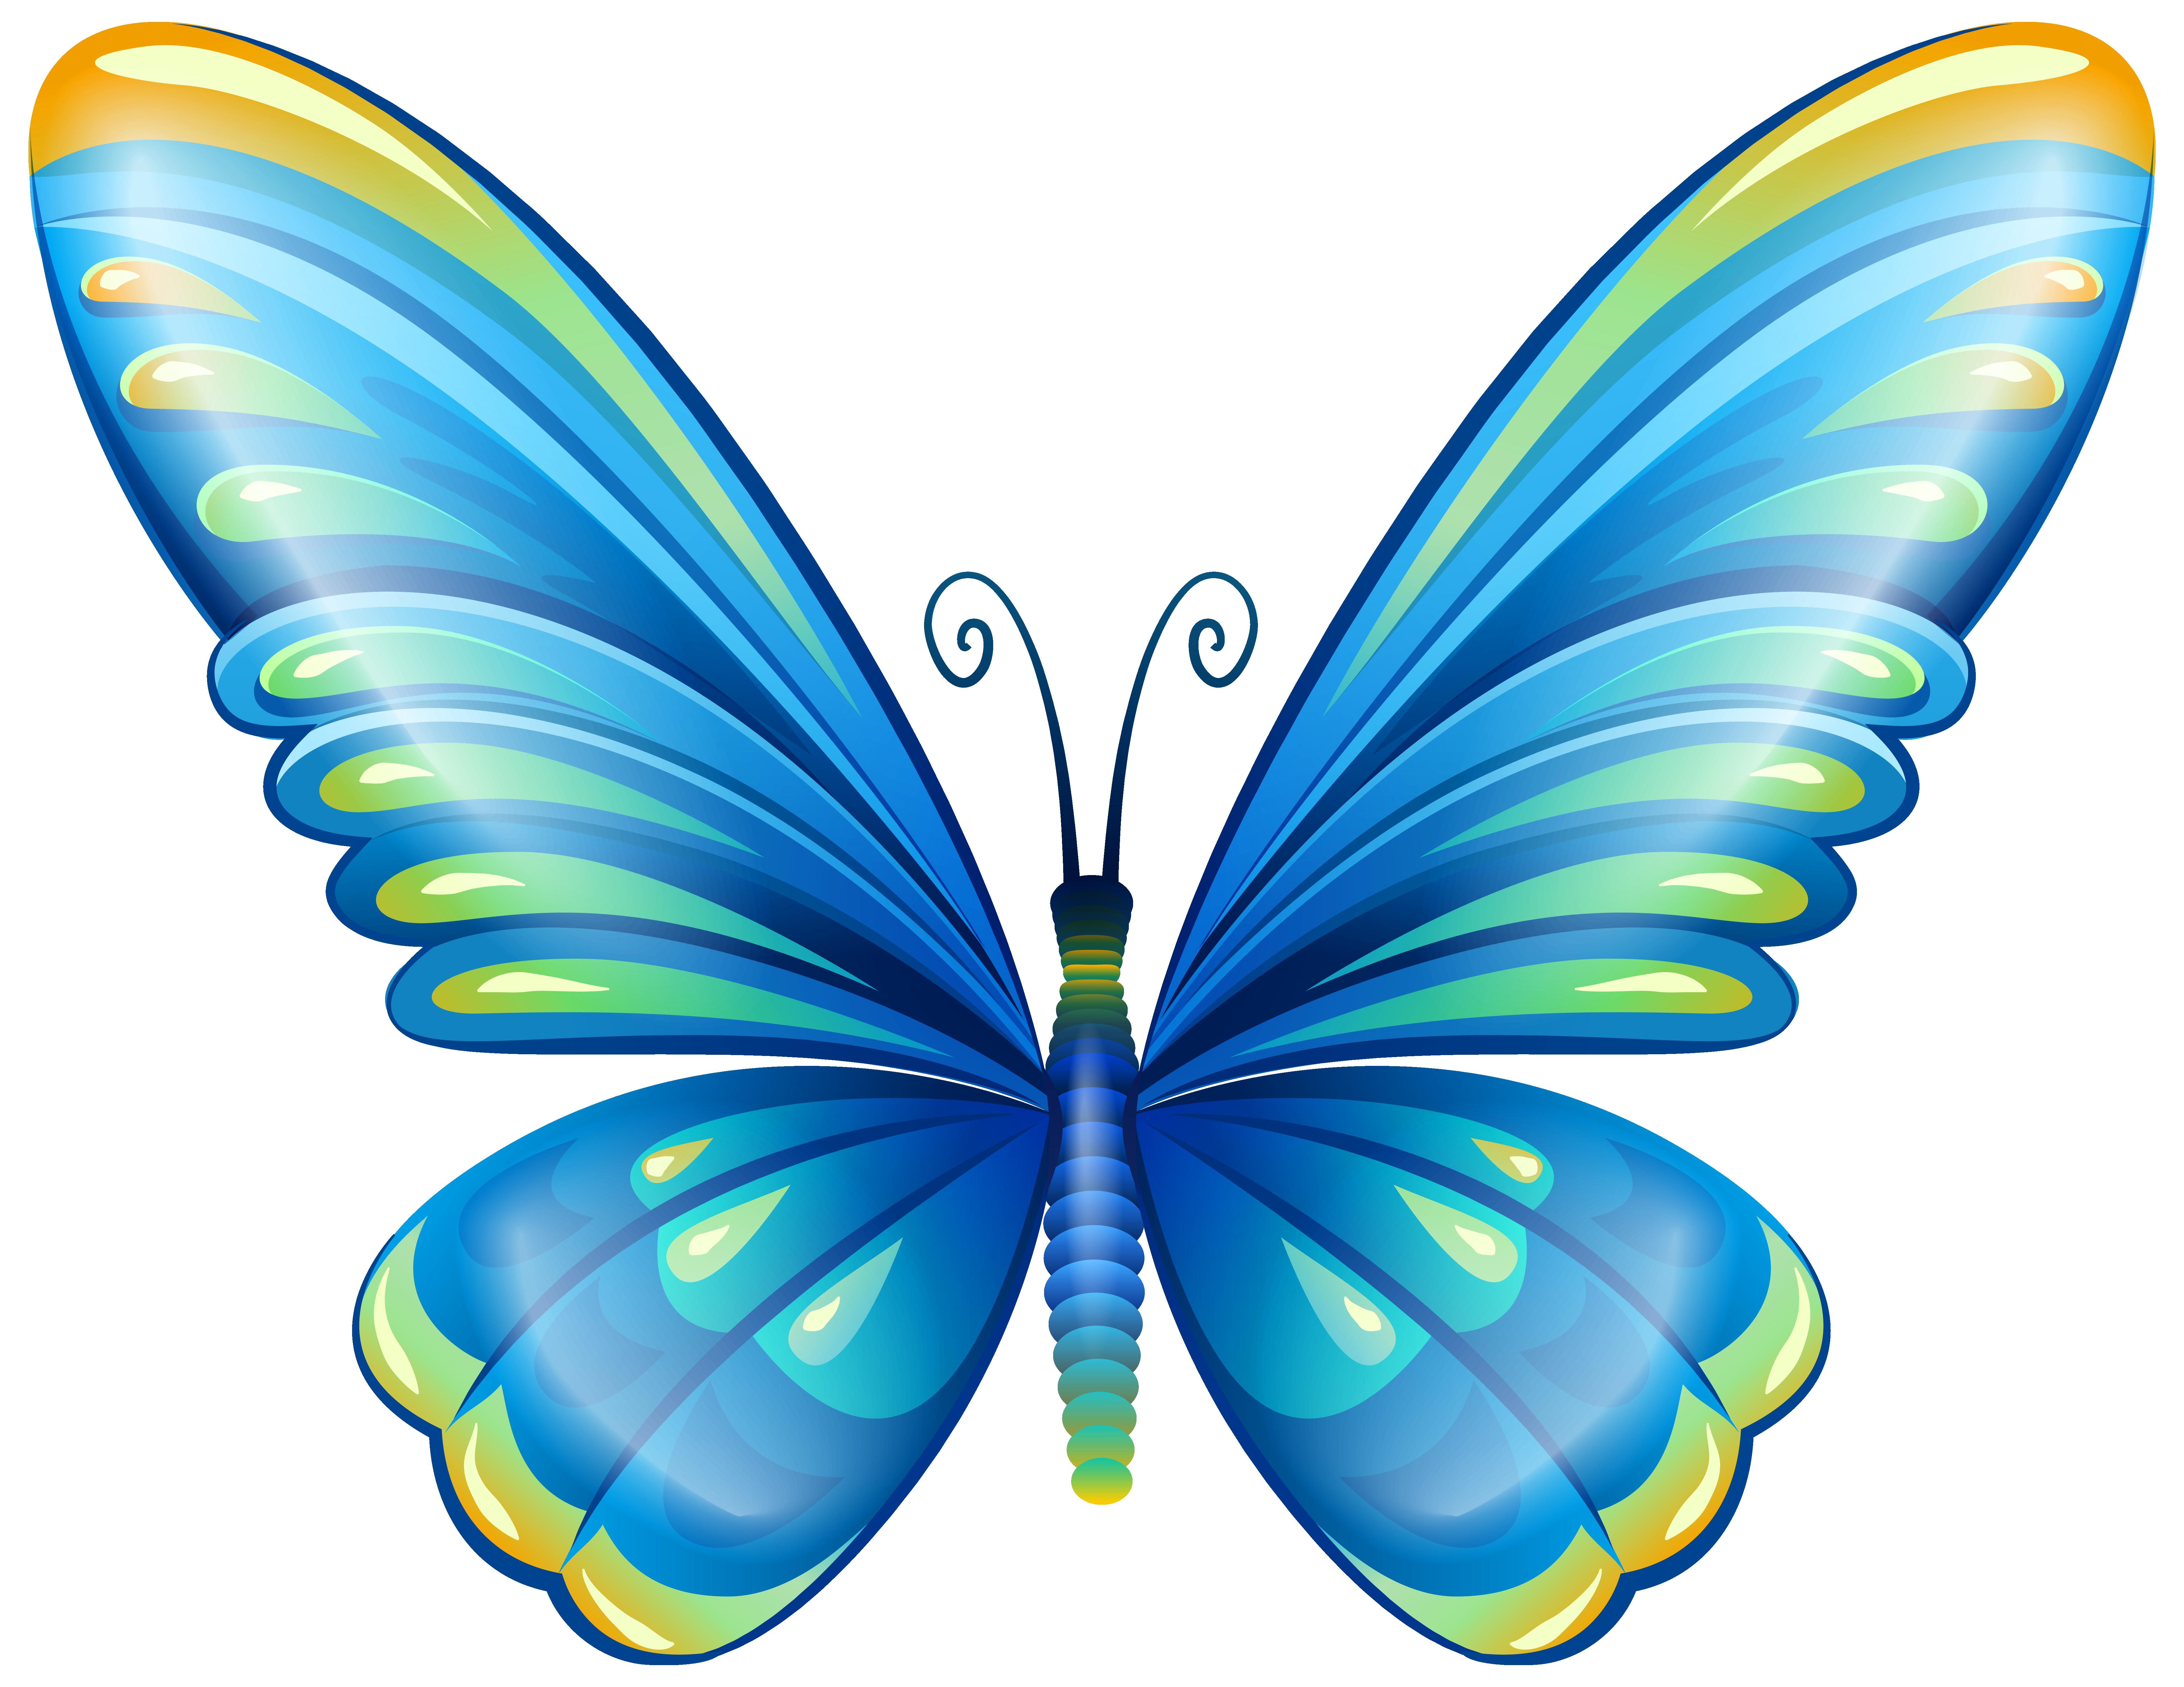 7679x5932 Top 87 Butterfly Clip Art